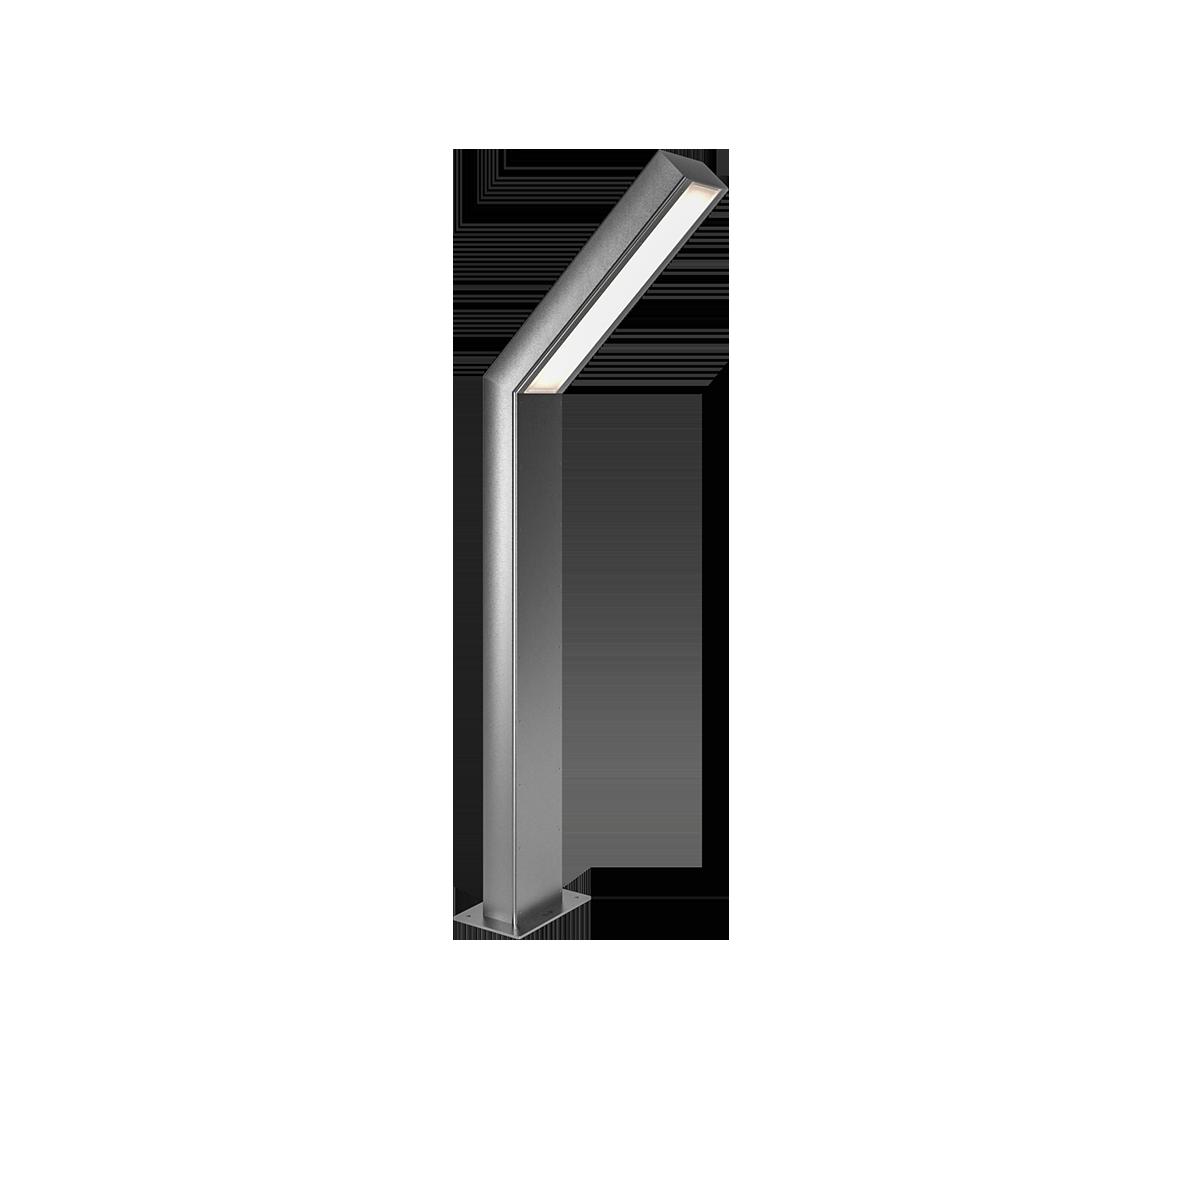 TRIF SQUARE 45 - Светодиодные столбики для освещения парковых дорожек